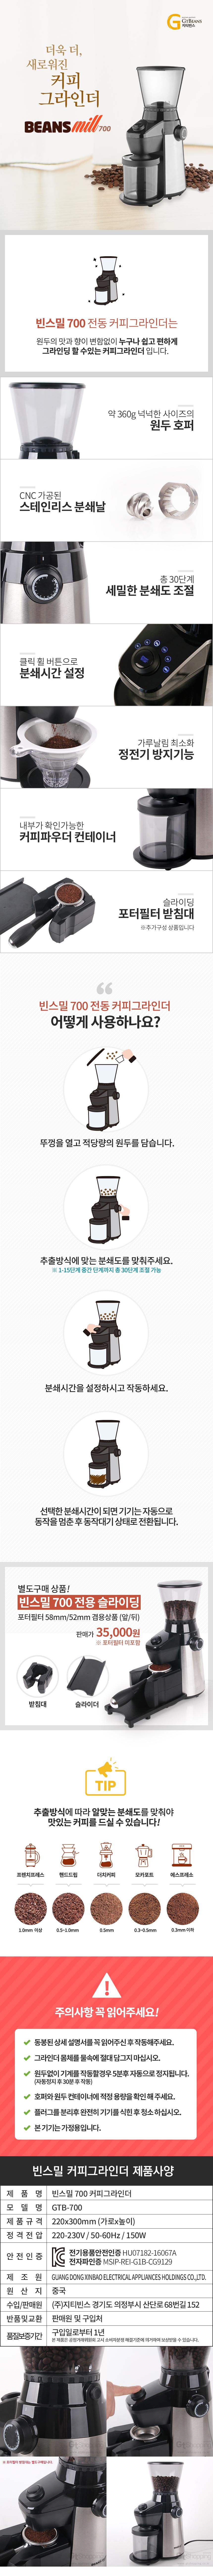 beansmill_700n_2.jpg